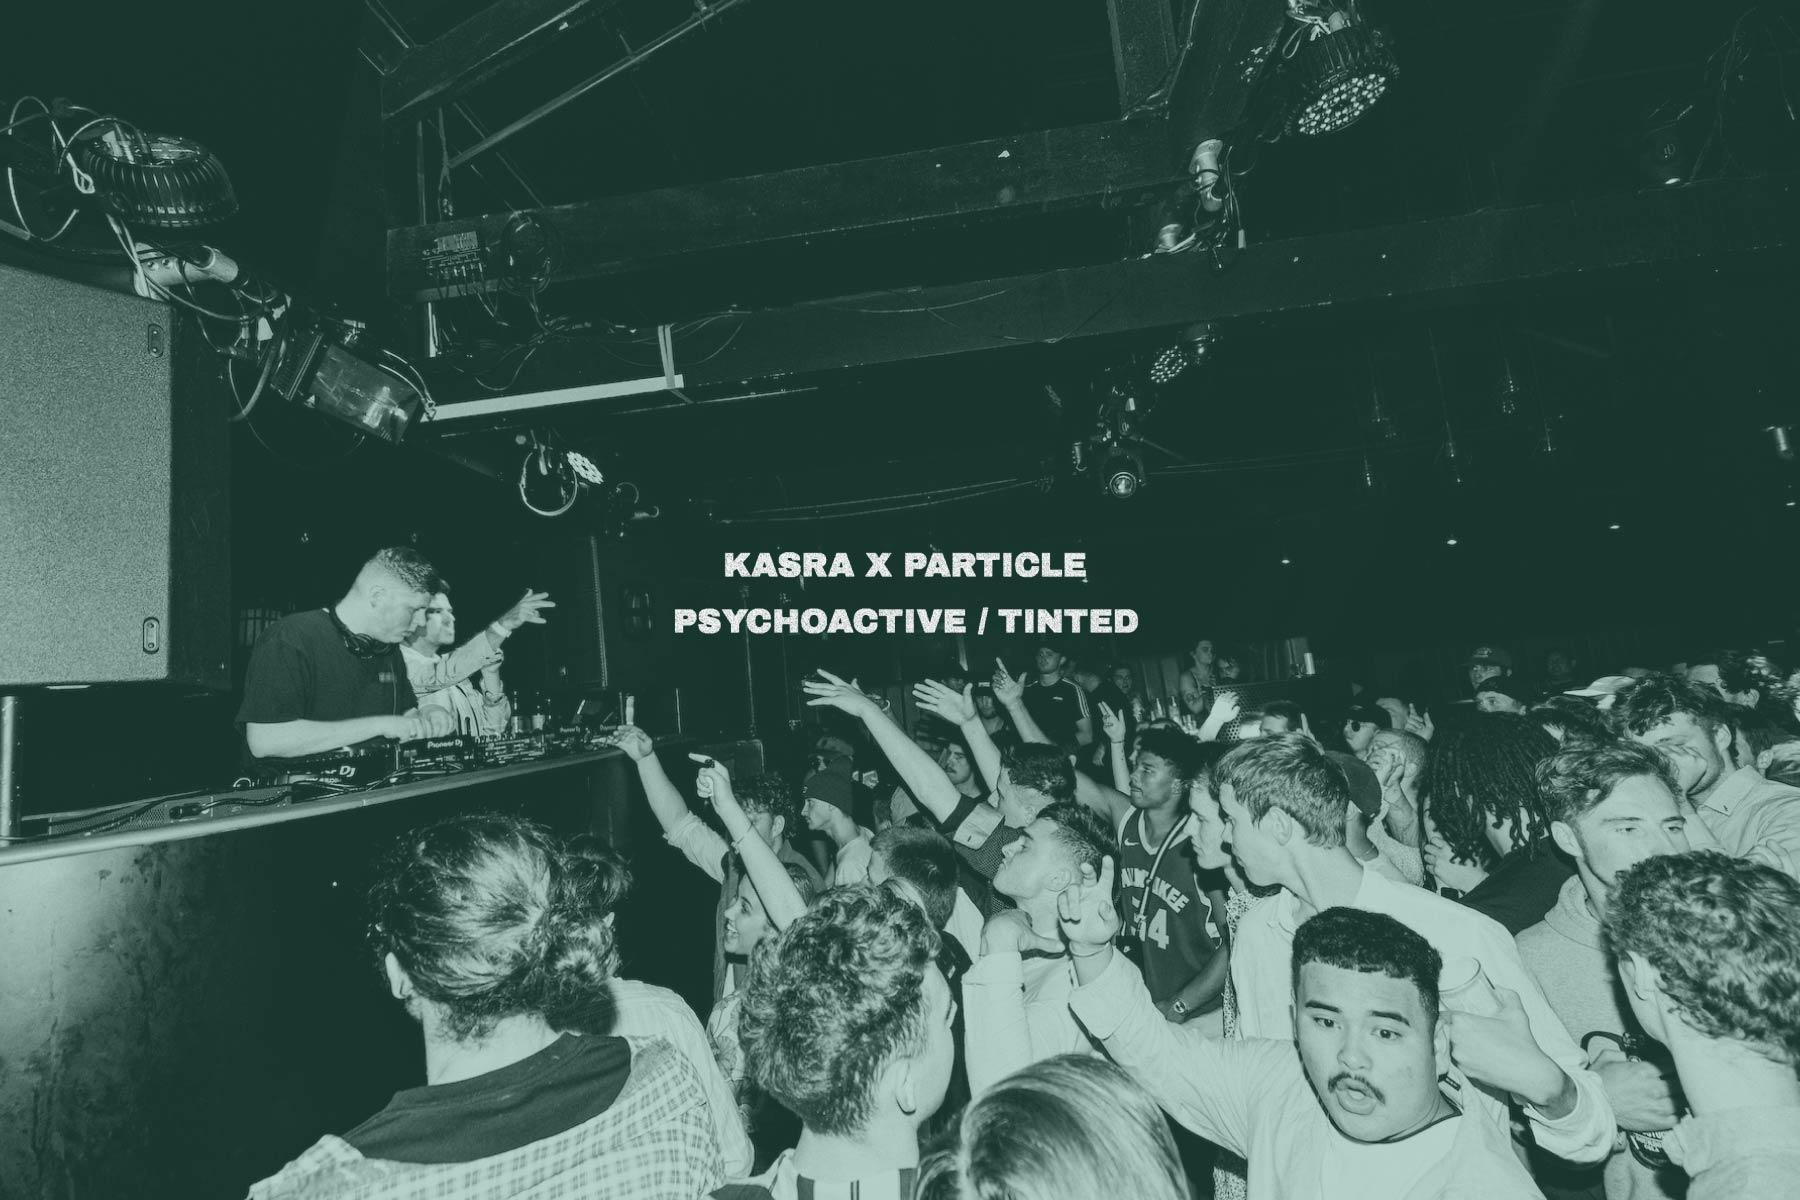 KASRA x PARTICLE